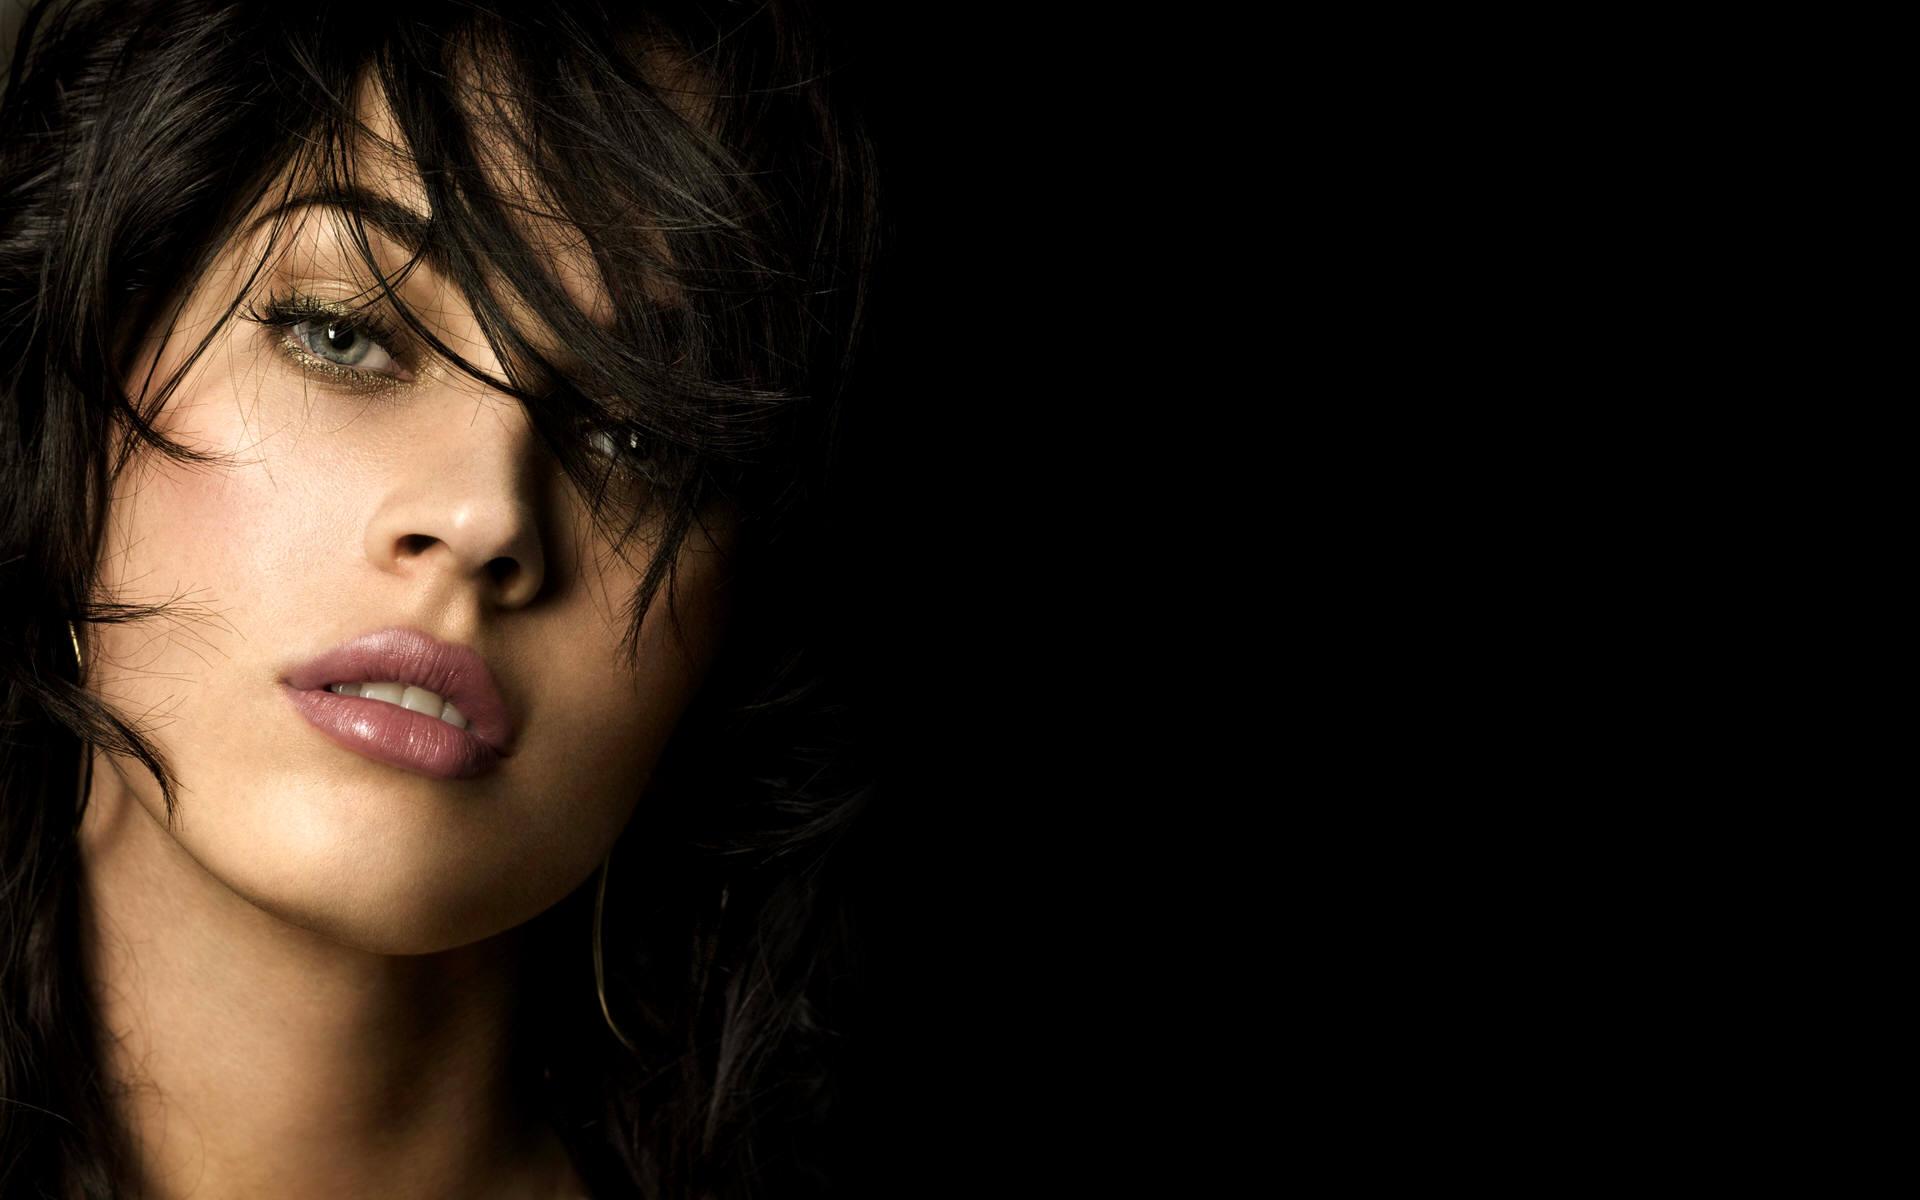 Megan Fox, su rostro - 1920x1200